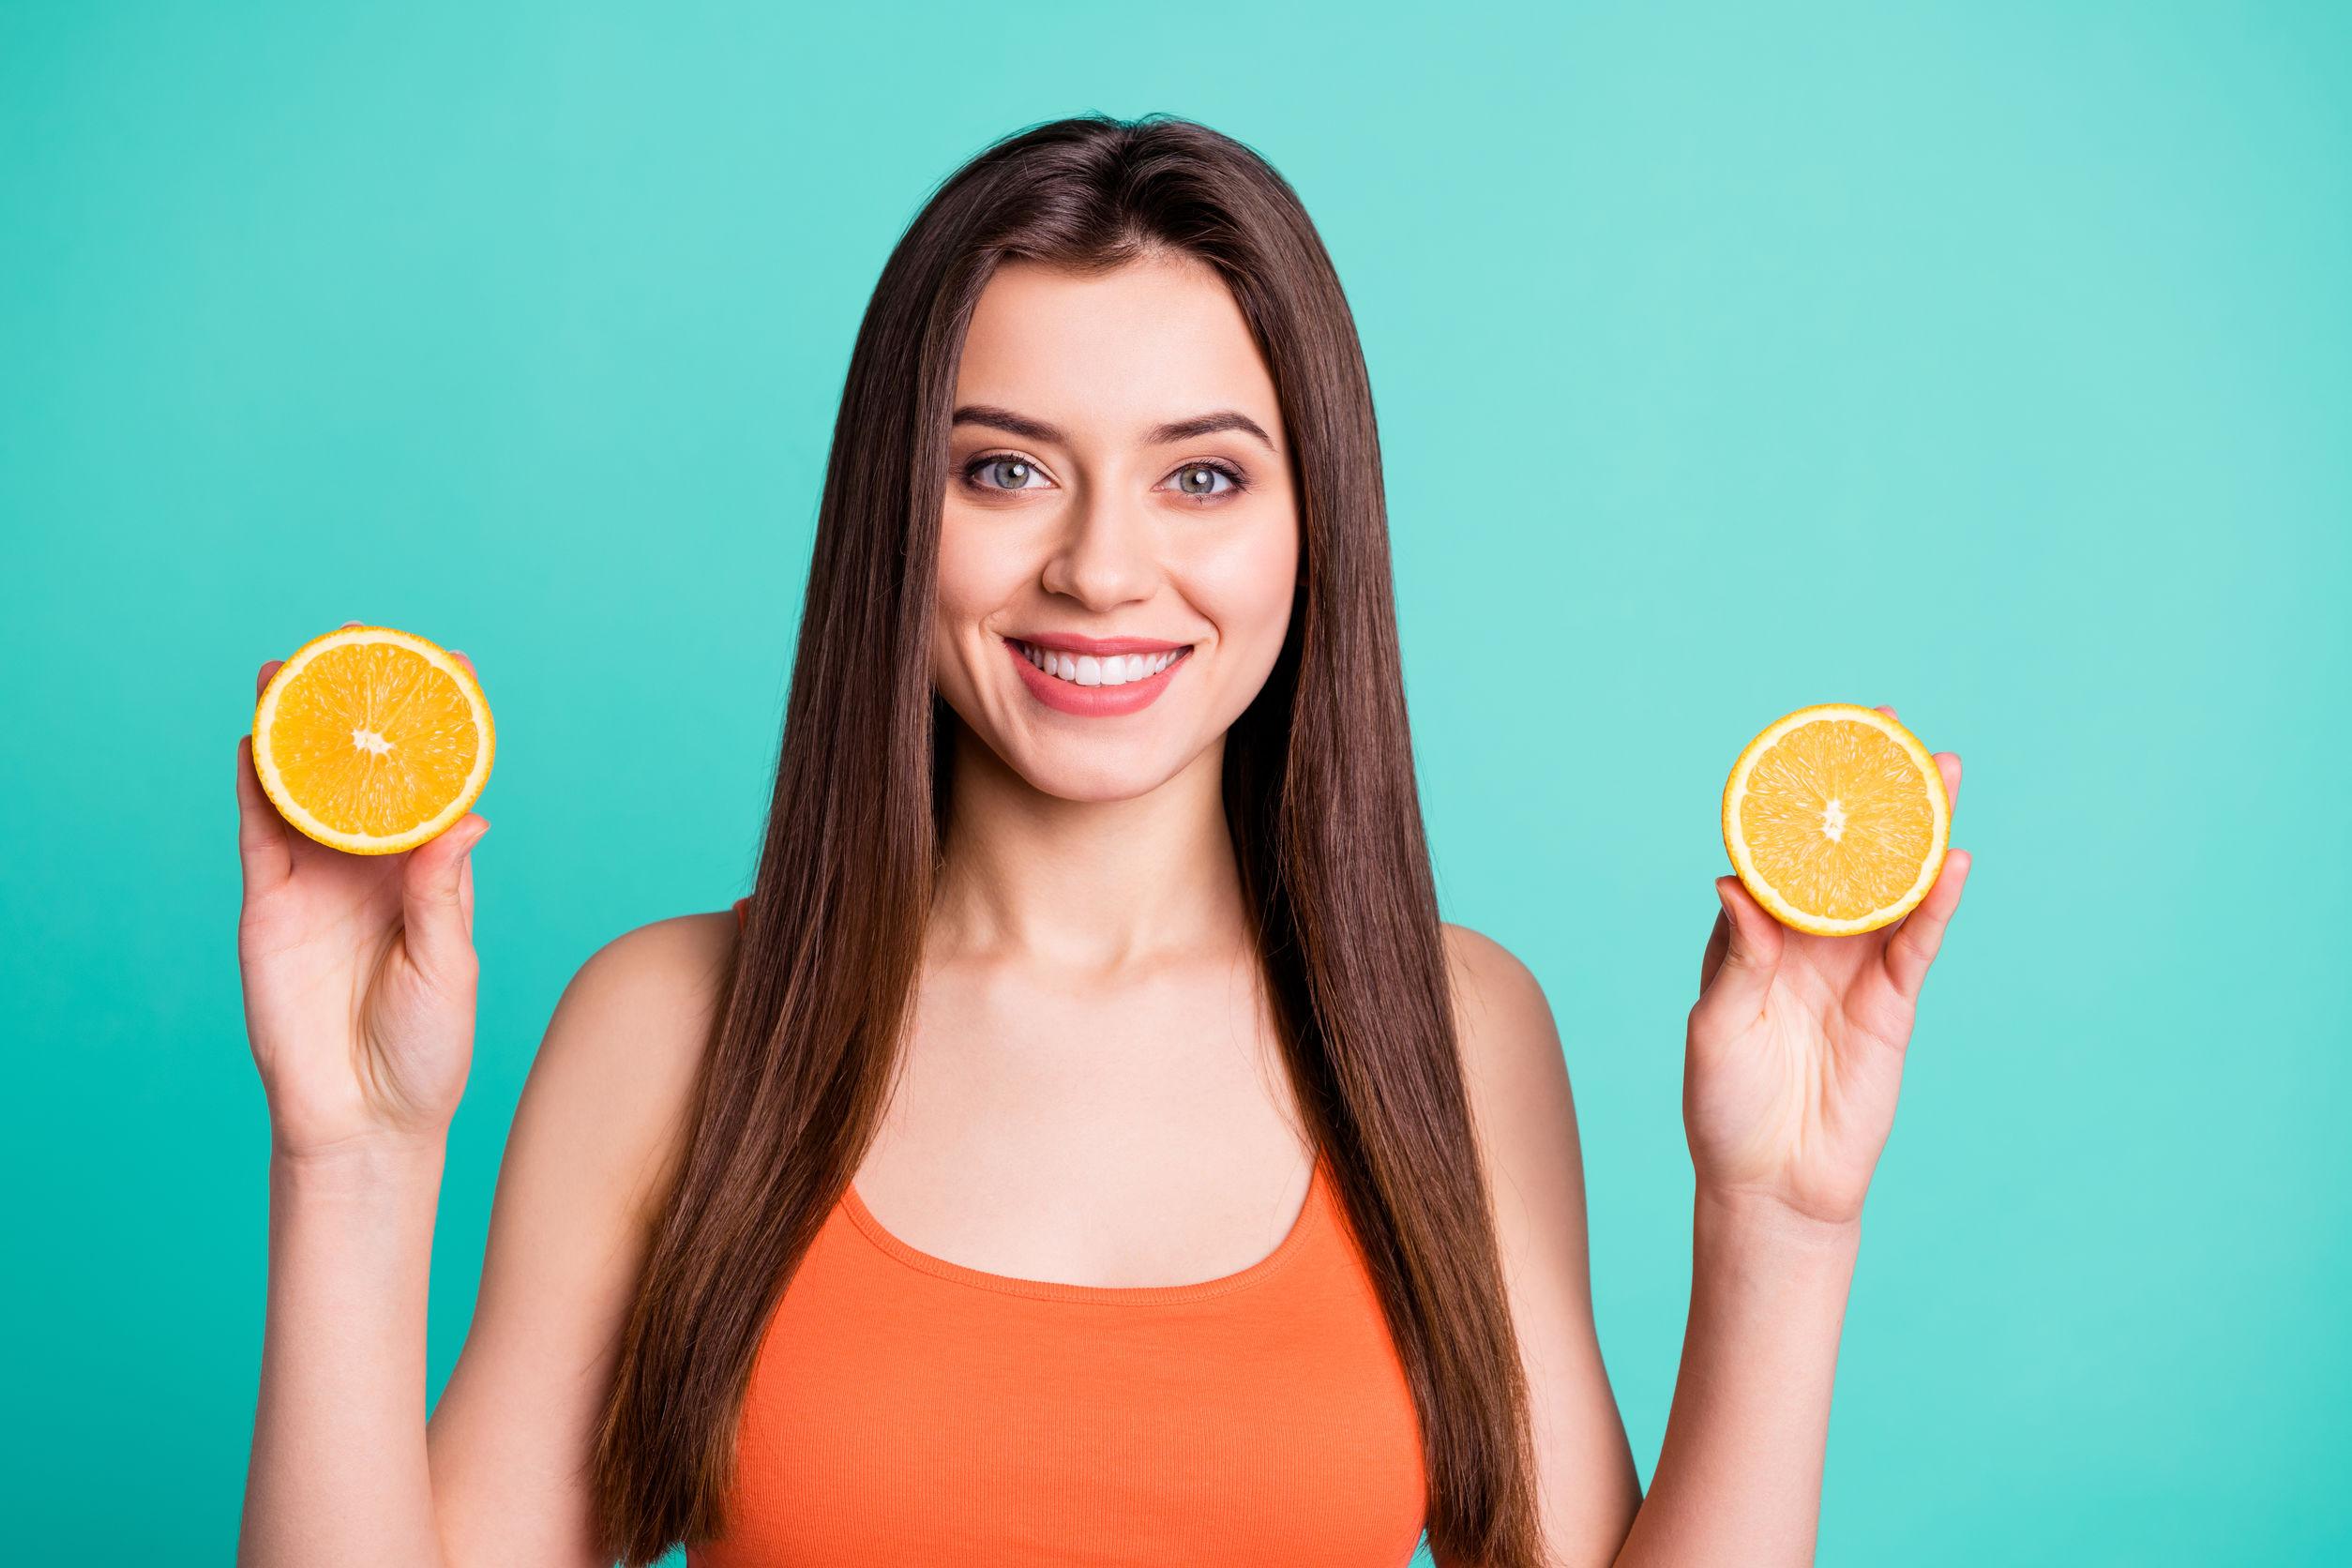 Miglior integratore di Vitamina C 2021: Guida all'acquisto